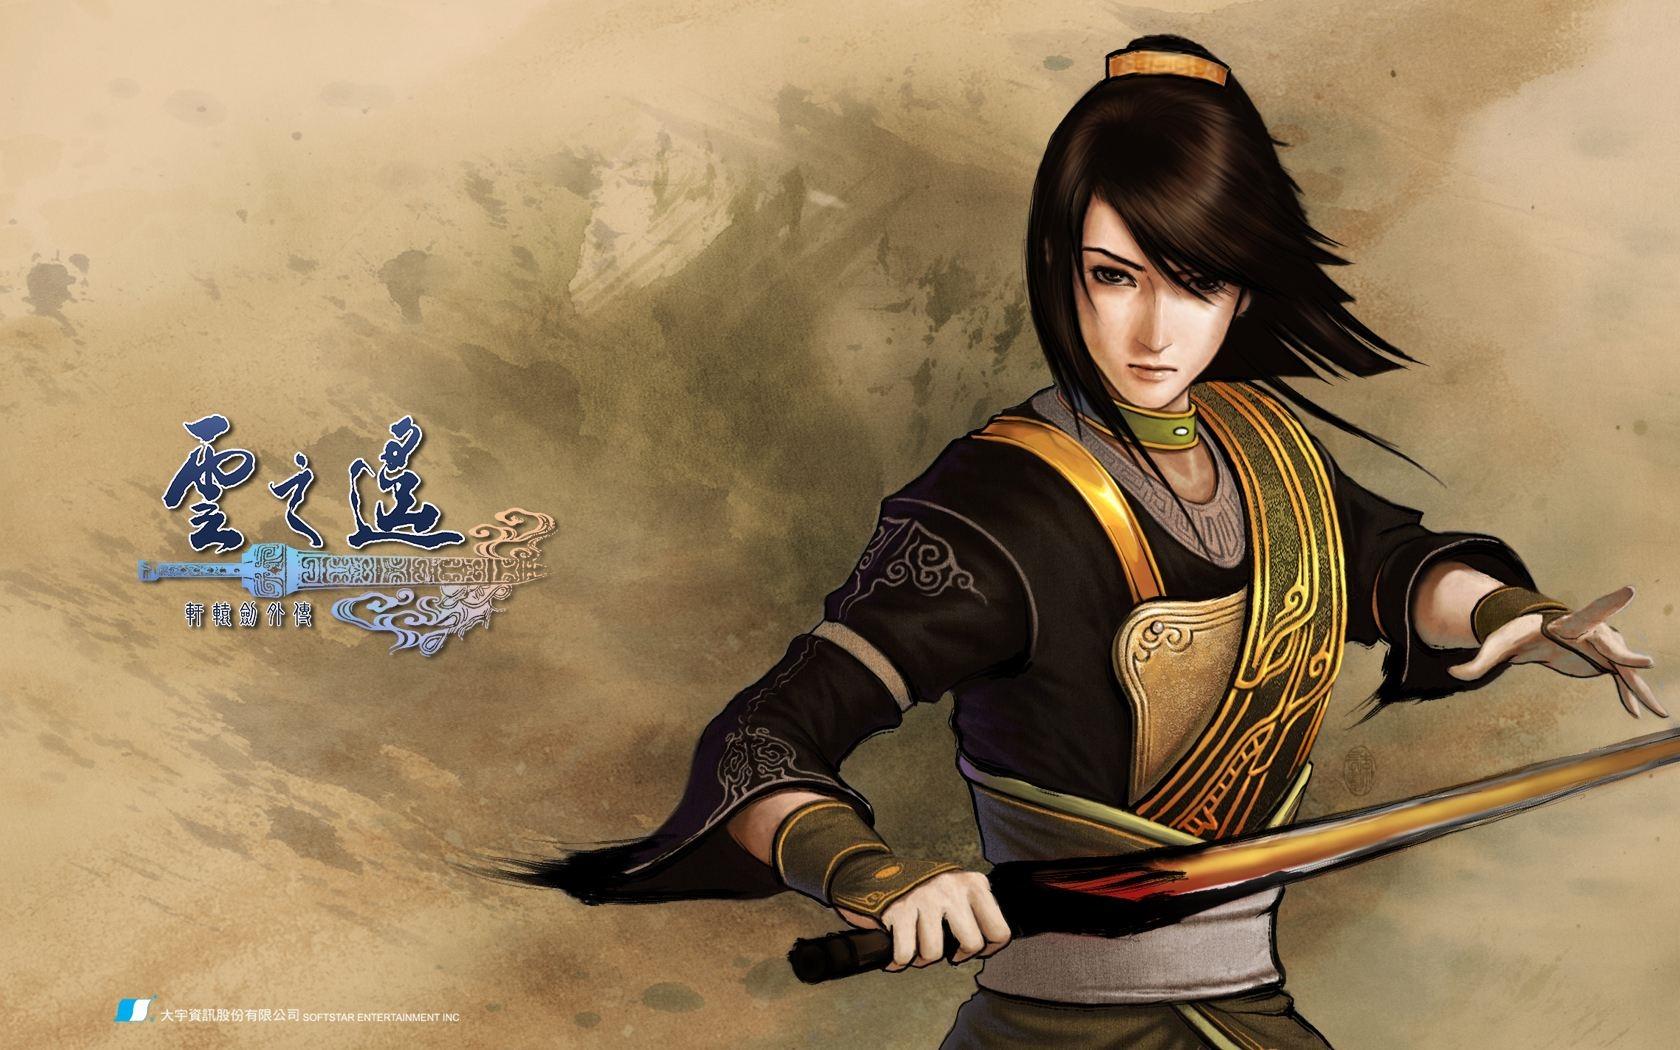 快抢!一大波《仙剑奇侠传》和《轩辕剑》正版游戏限时免费了